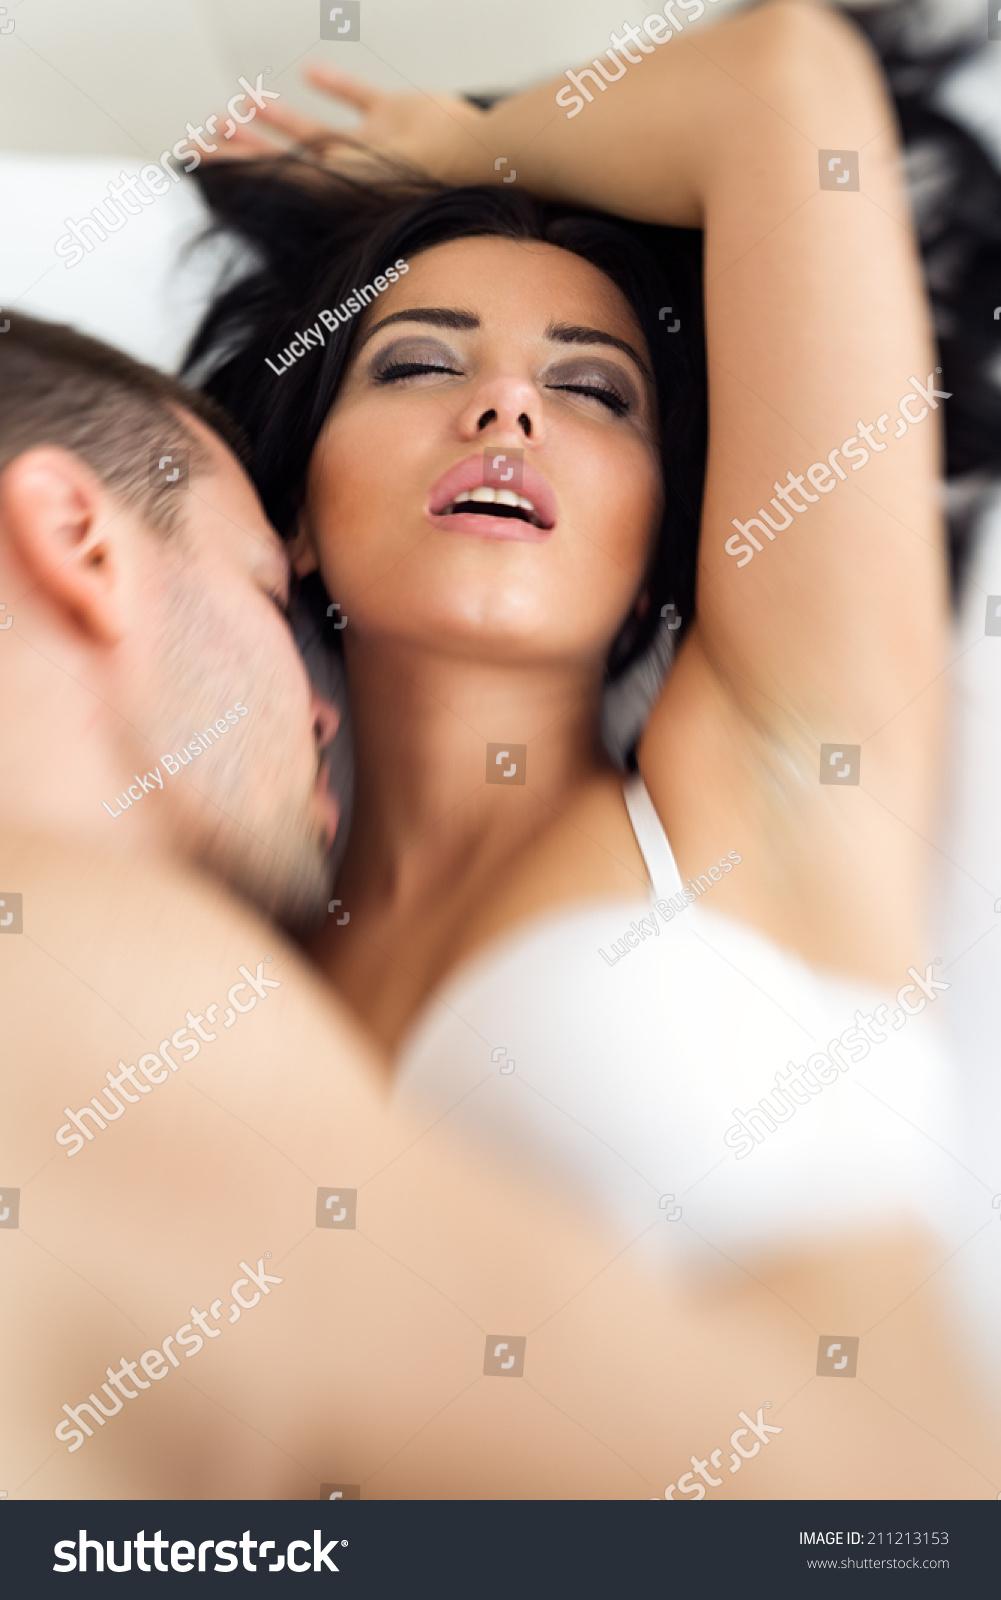 Girls sex satisfaction